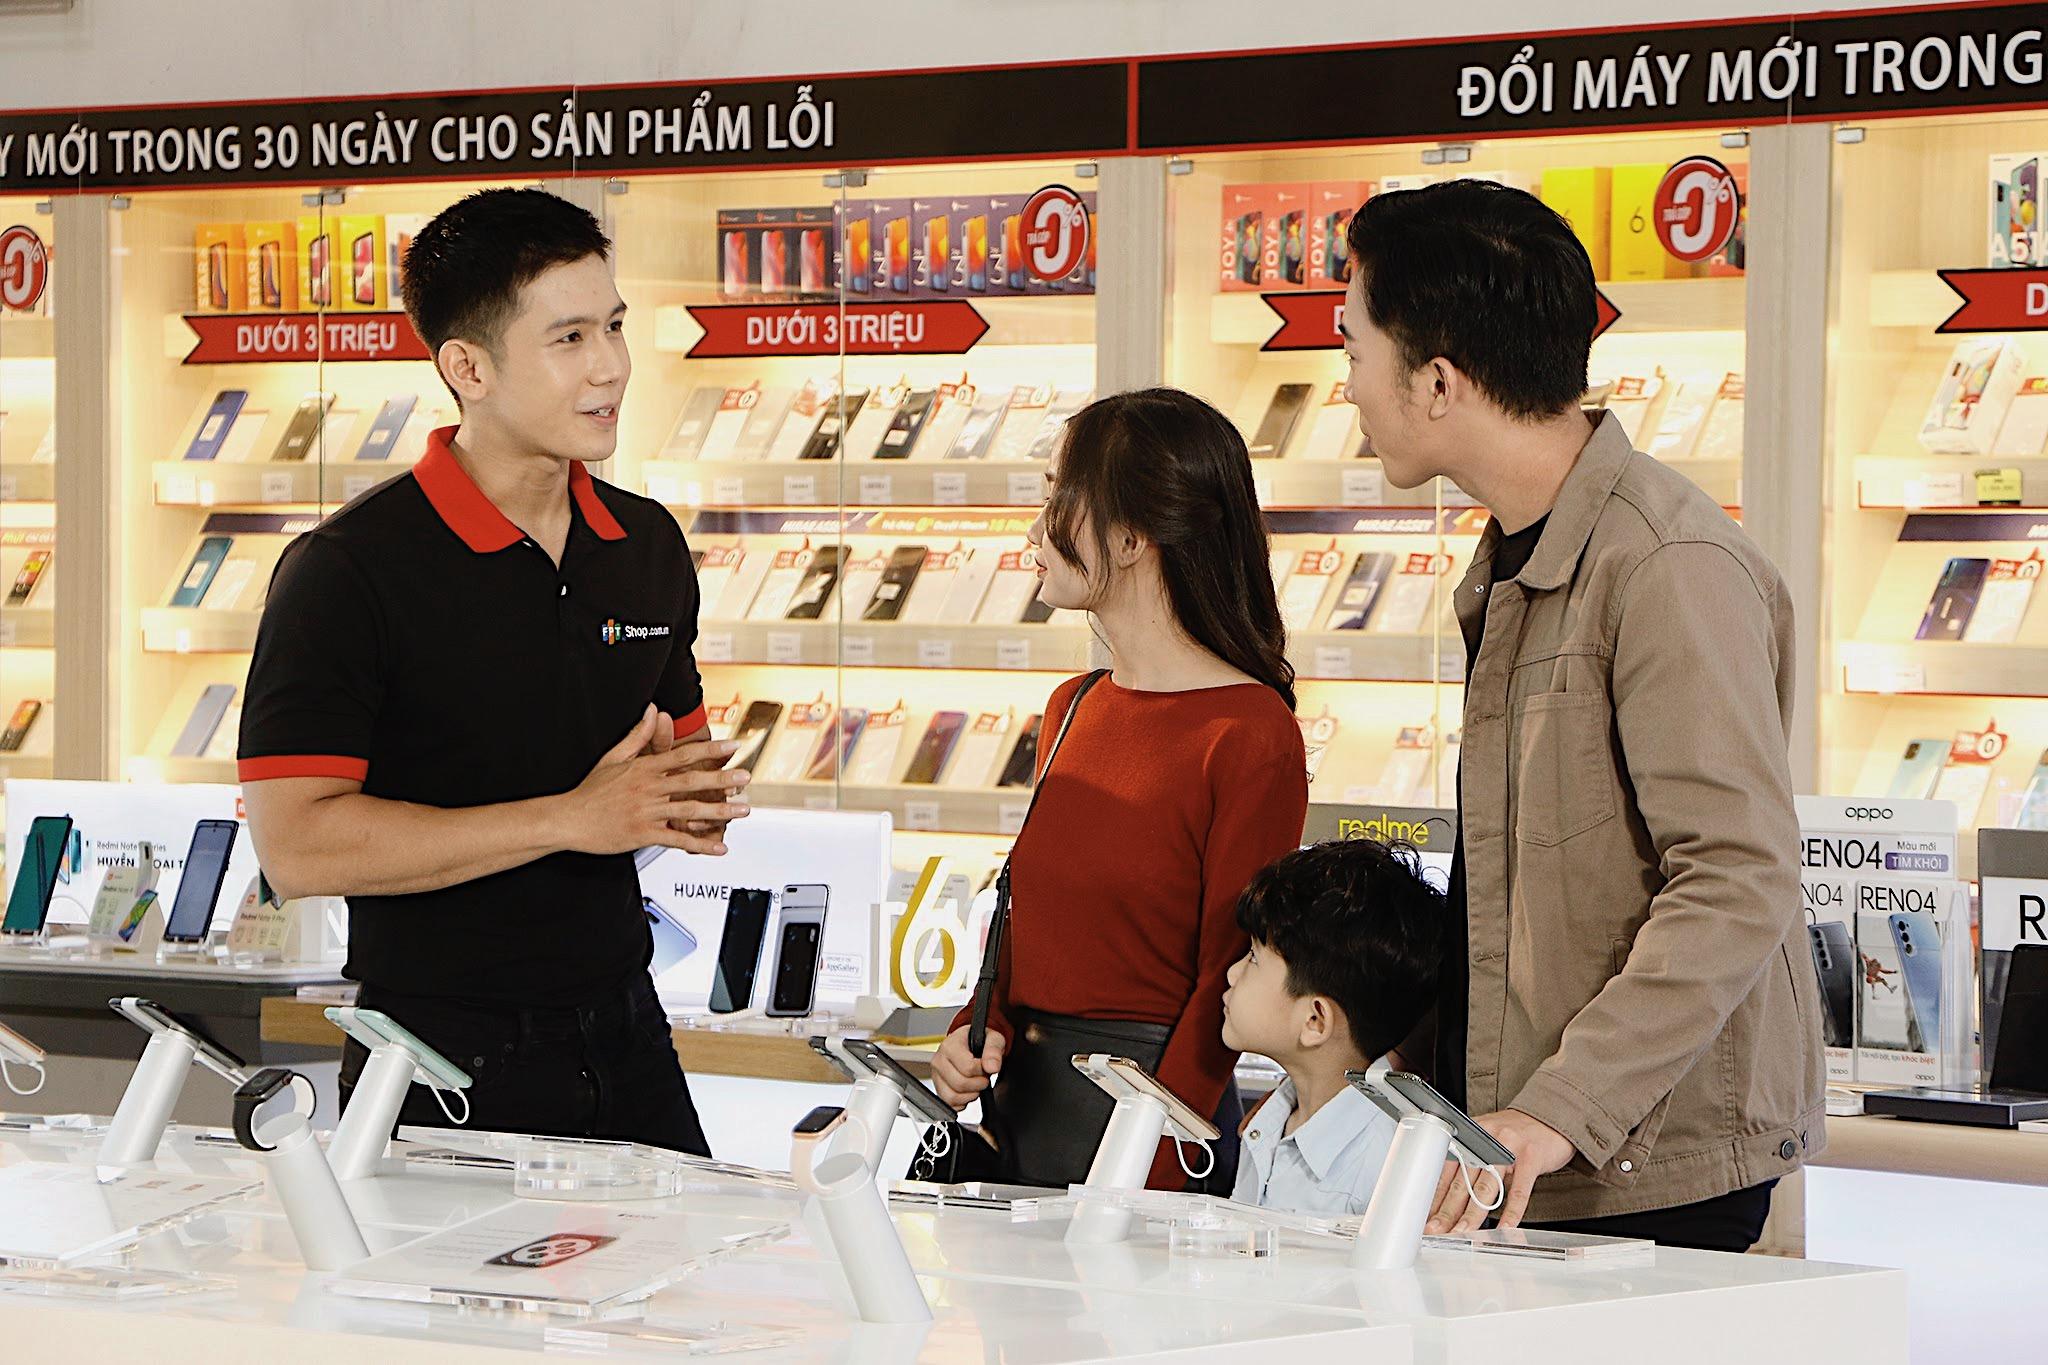 Bán lẻ rục rịch cho đặt trước iPhone 12, người dùng được thu cũ đổi mới giá rẻ hơn - Ảnh 1.